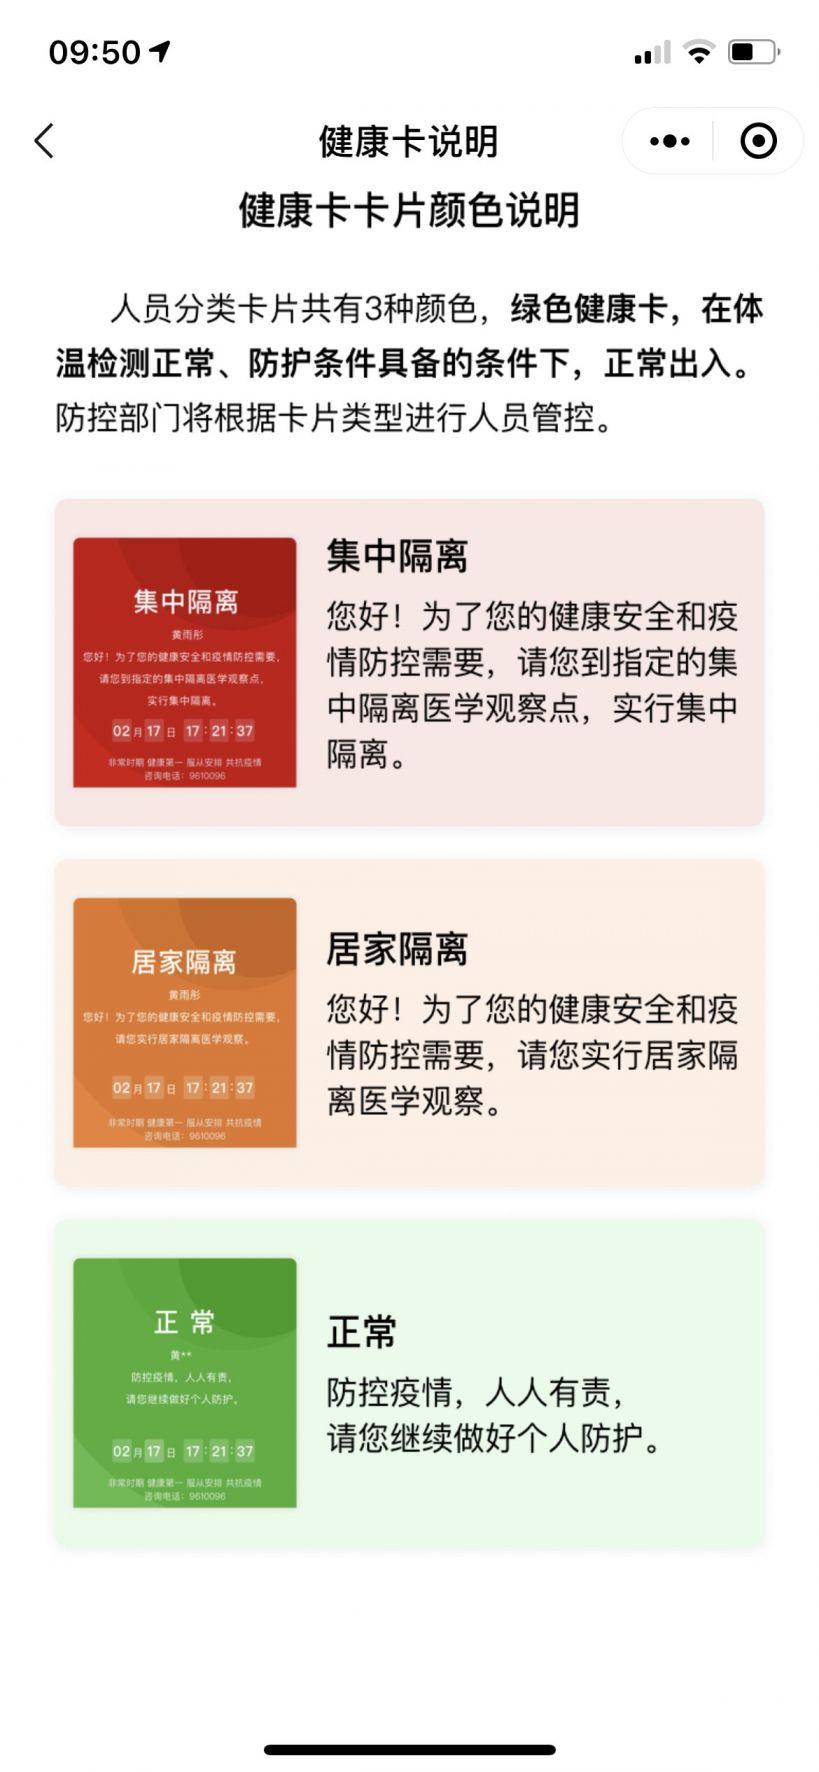 2021年春节在贵州省内能走动吗?